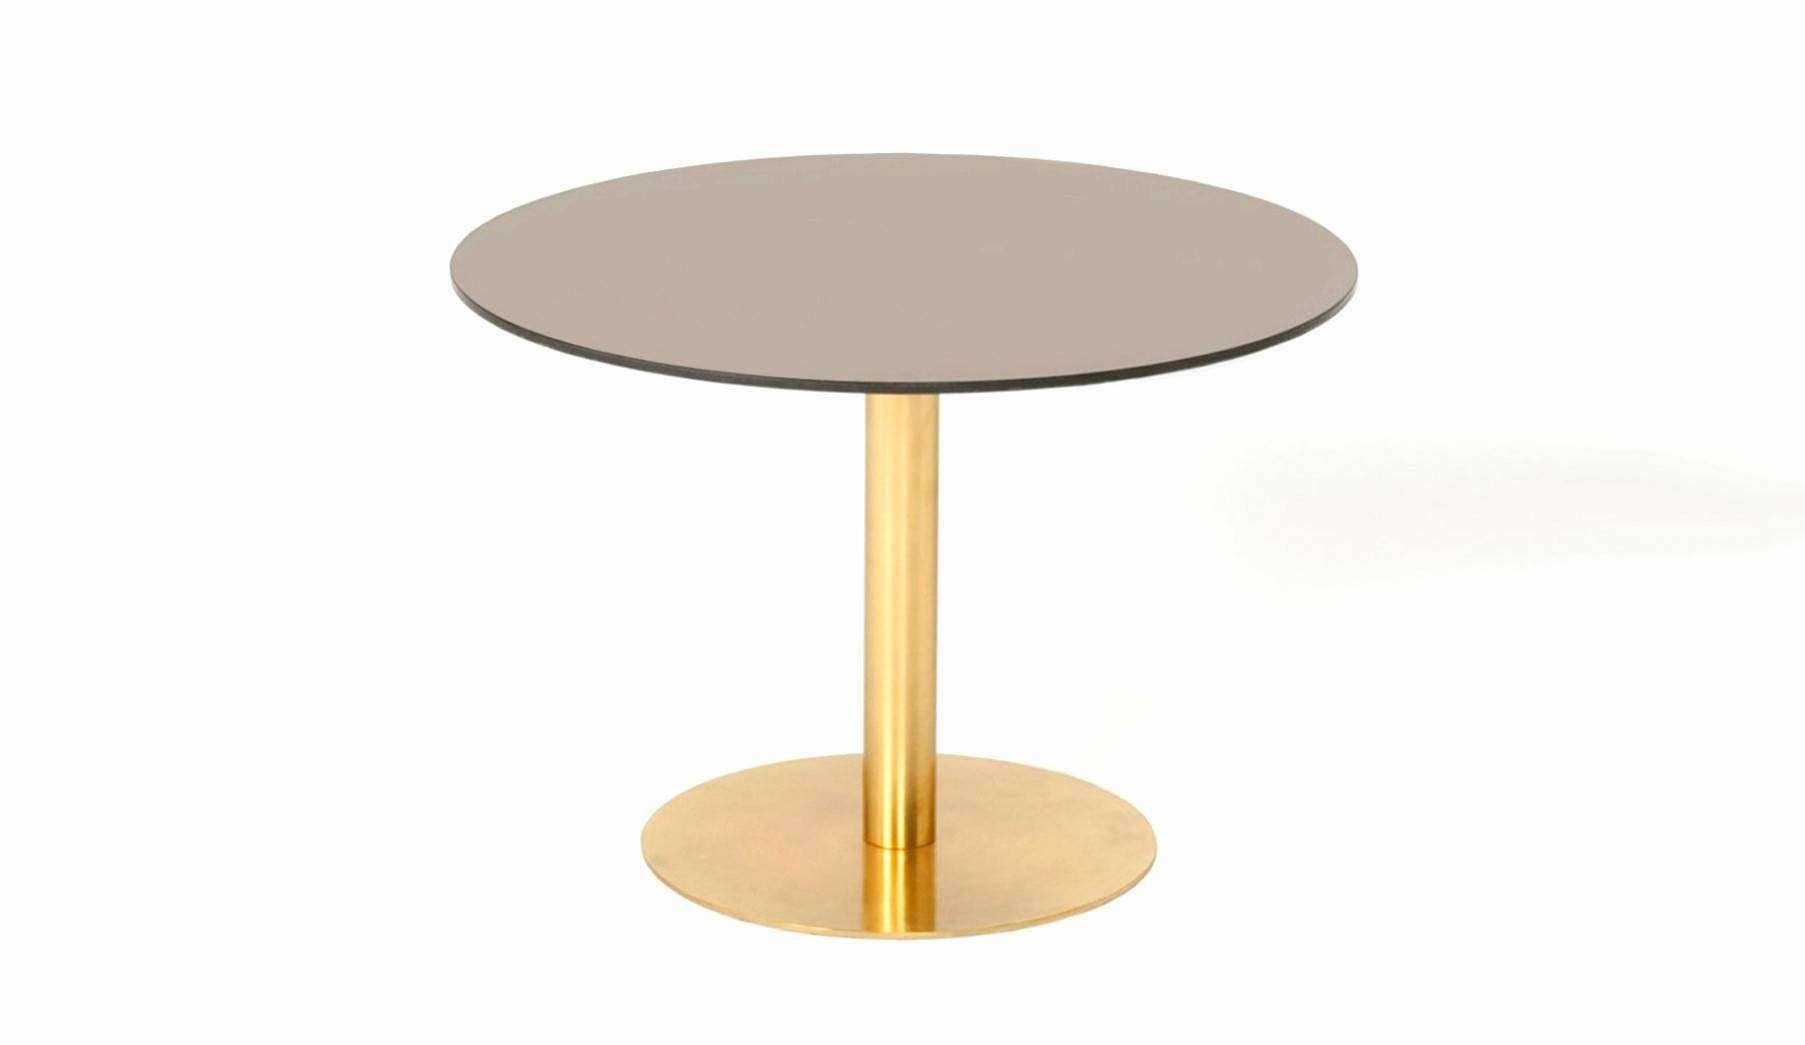 Esstisch Rund Schwarz Esstisch Rund 80 Cm Verkaufsschlager 29 Planen Beste Mobelideen In 2020 Bronze Coffee Table Glass End Tables Coffee Table 2019